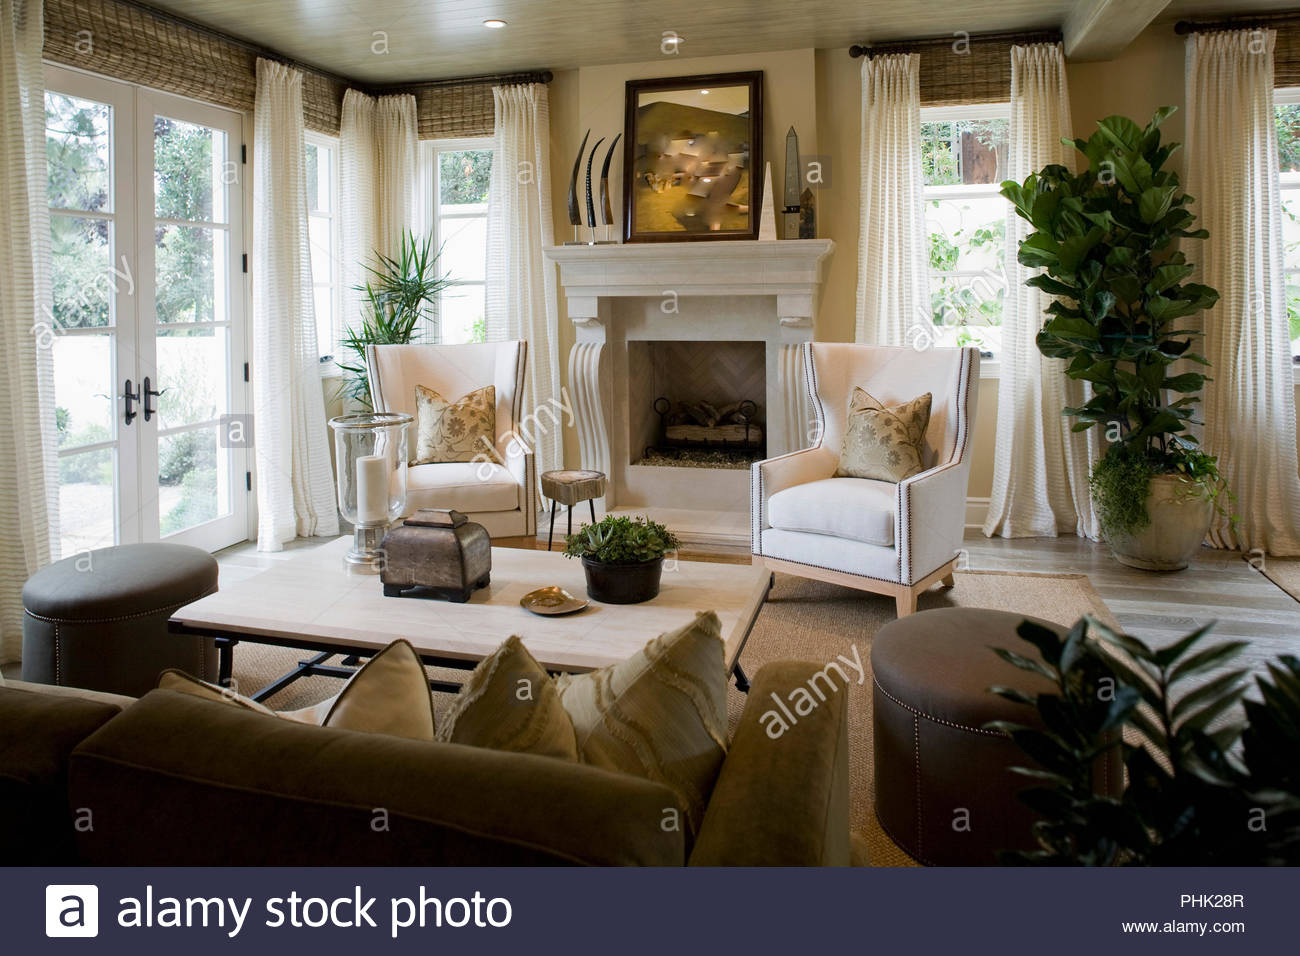 Salle de séjour avec cheminée Photo Stock